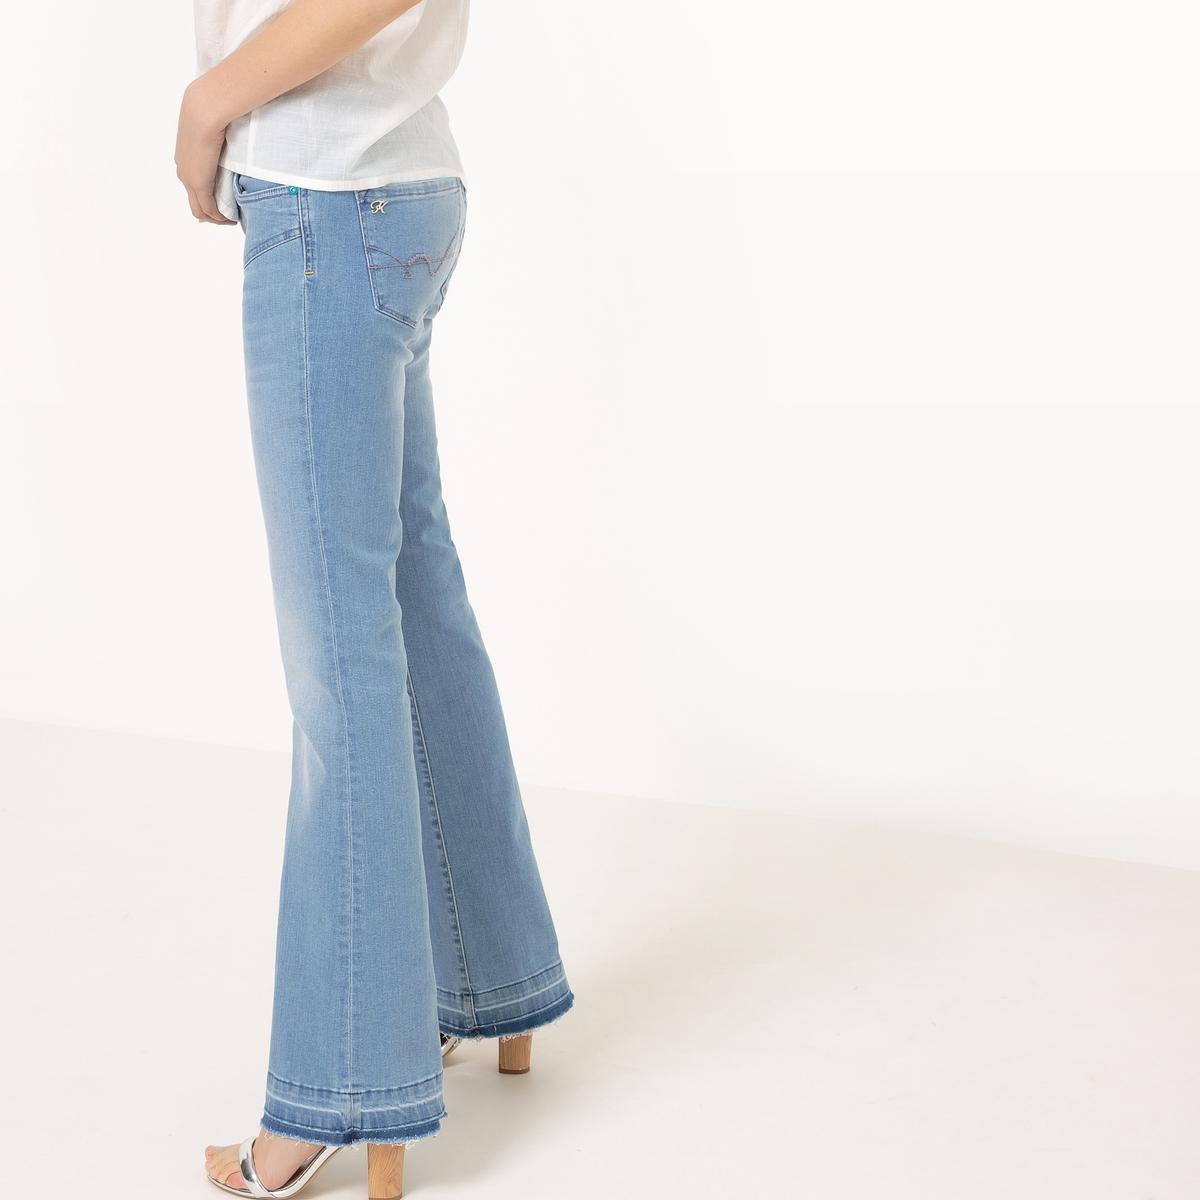 Джинсы базового гардеробаМатериал : 98% хлопка, 2% эластана  Высота пояса : стандартная Покрой джинсов : Расклешенный покрой (буткат) Длина джинсов : длина 32<br><br>Цвет: синий потертый